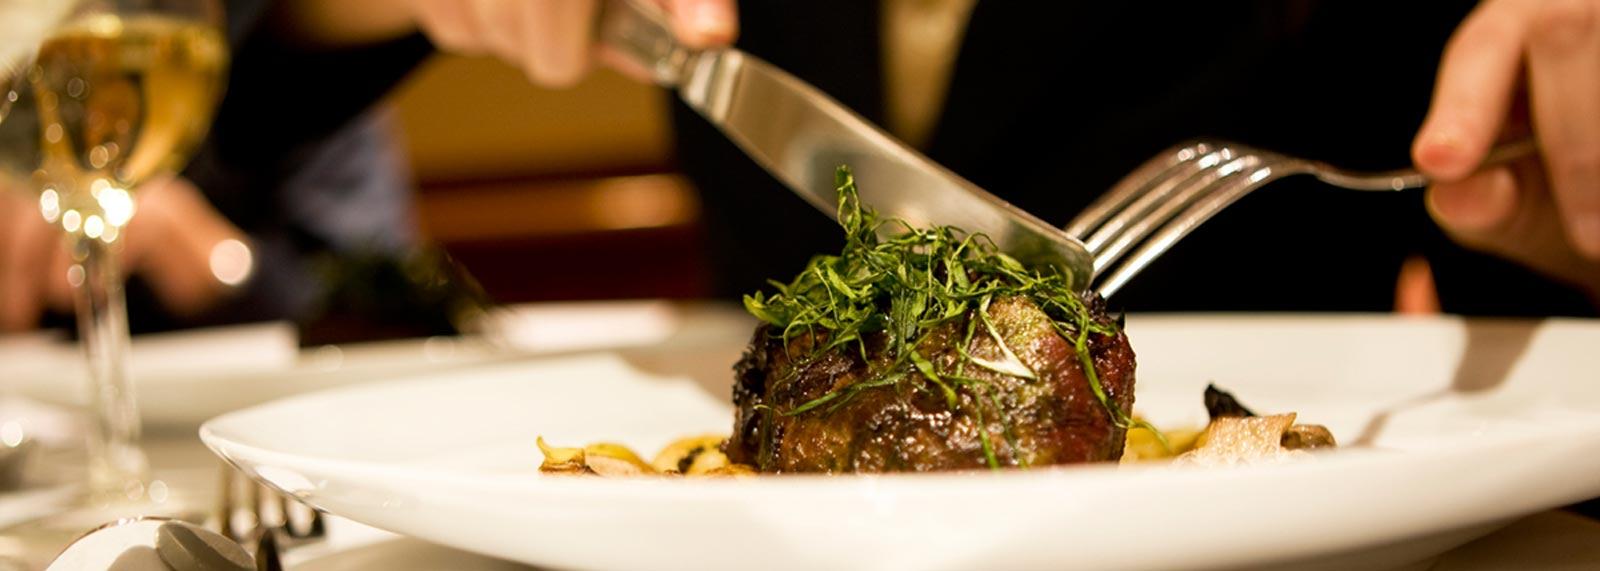 dining-facilities-at-tustin-hotel-california-top